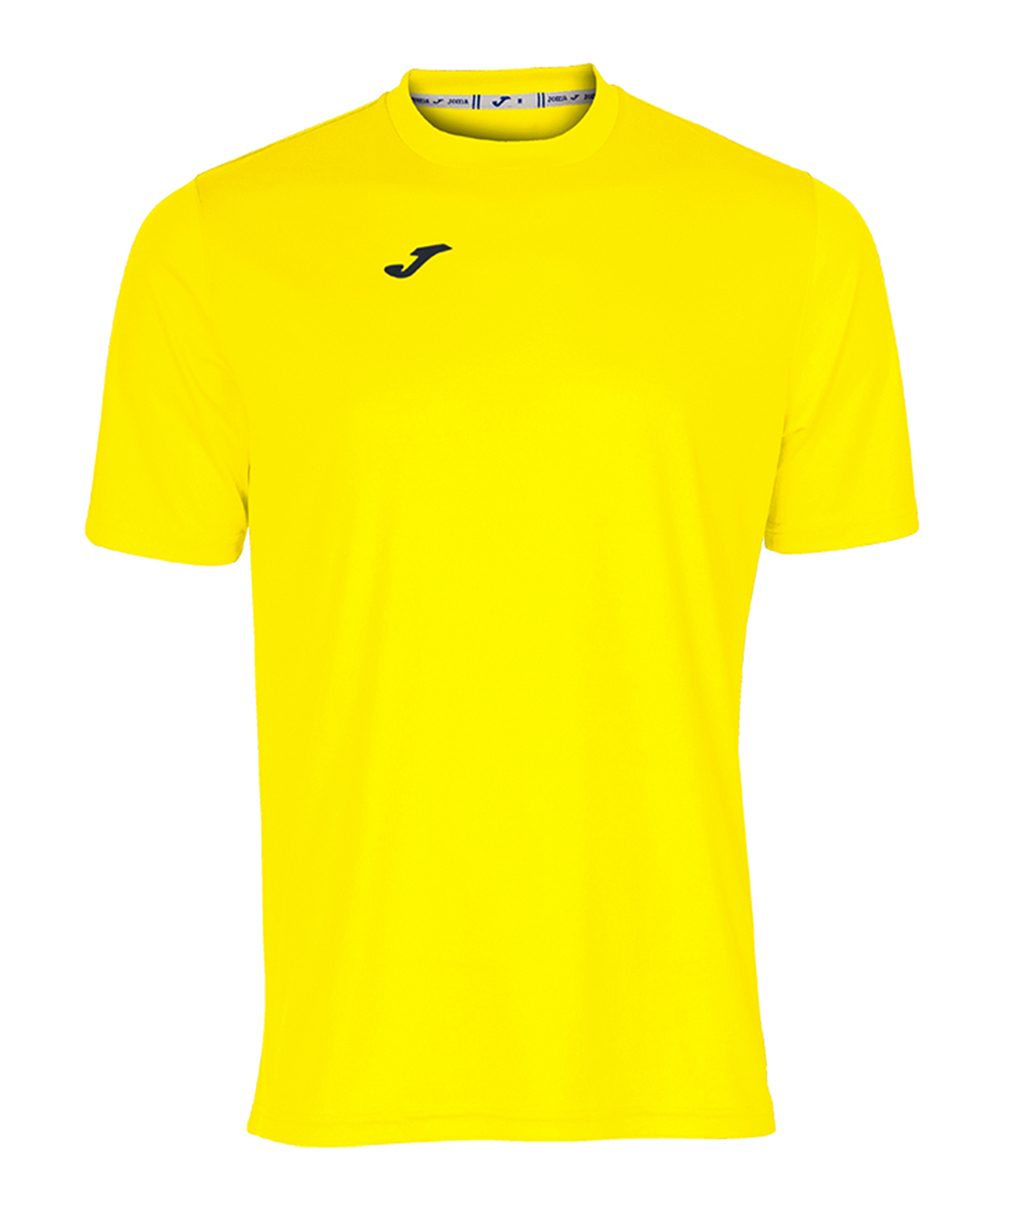 Купить жёлтую футболку Joma Combi 100052.900 в интернет-магазине